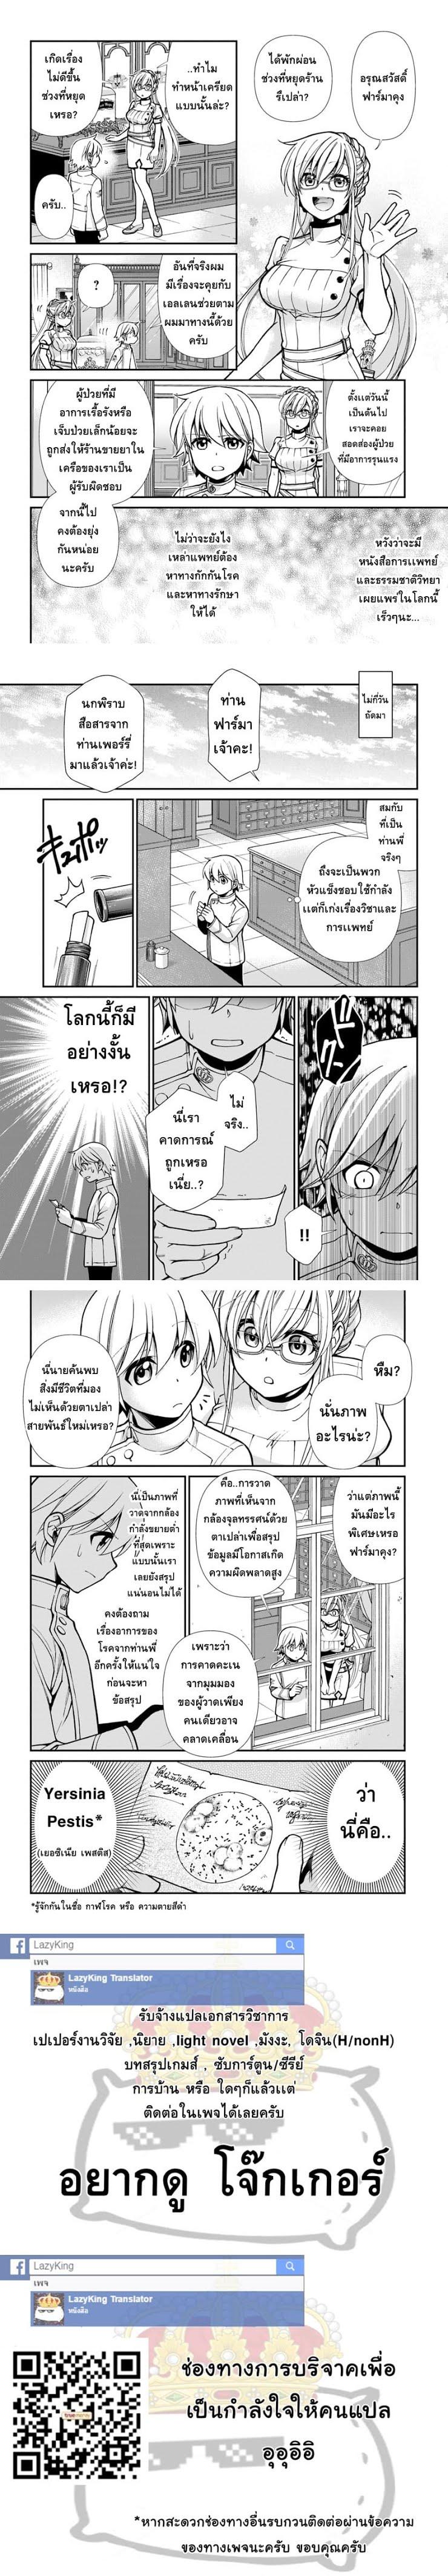 อ่านการ์ตูน Isekai Yakkyoku ตอนที่ 23.5 หน้าที่ 21